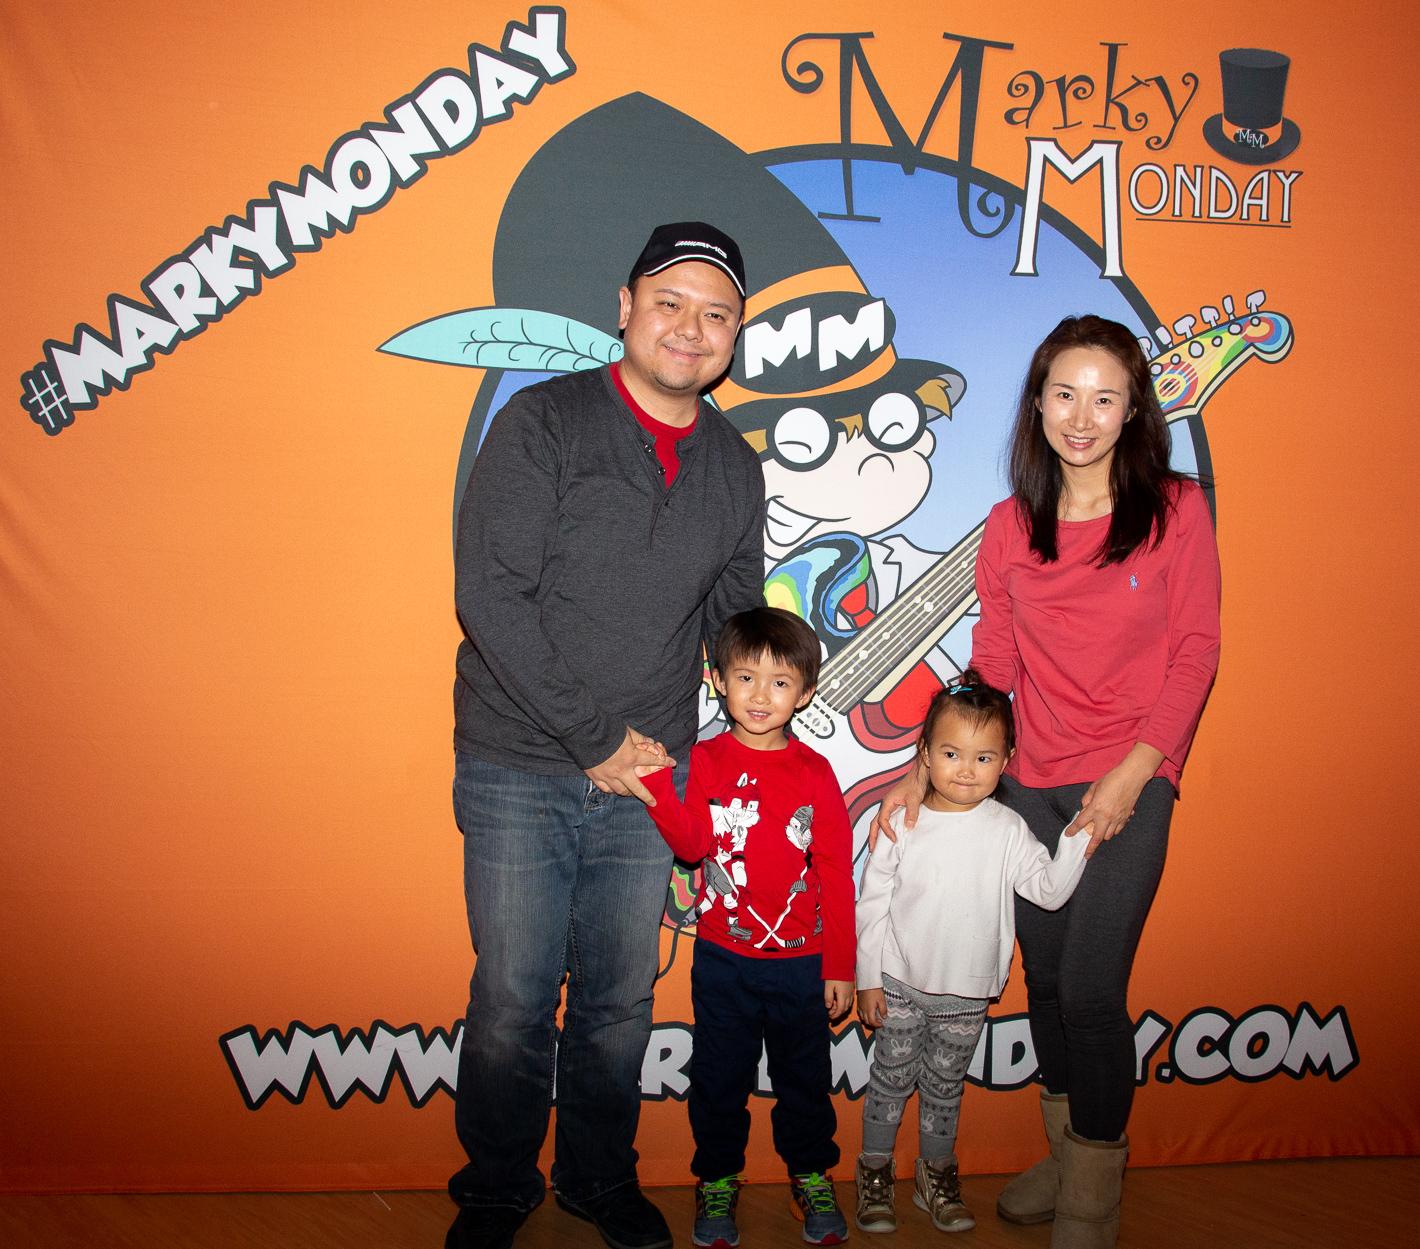 Marky-1054.jpg